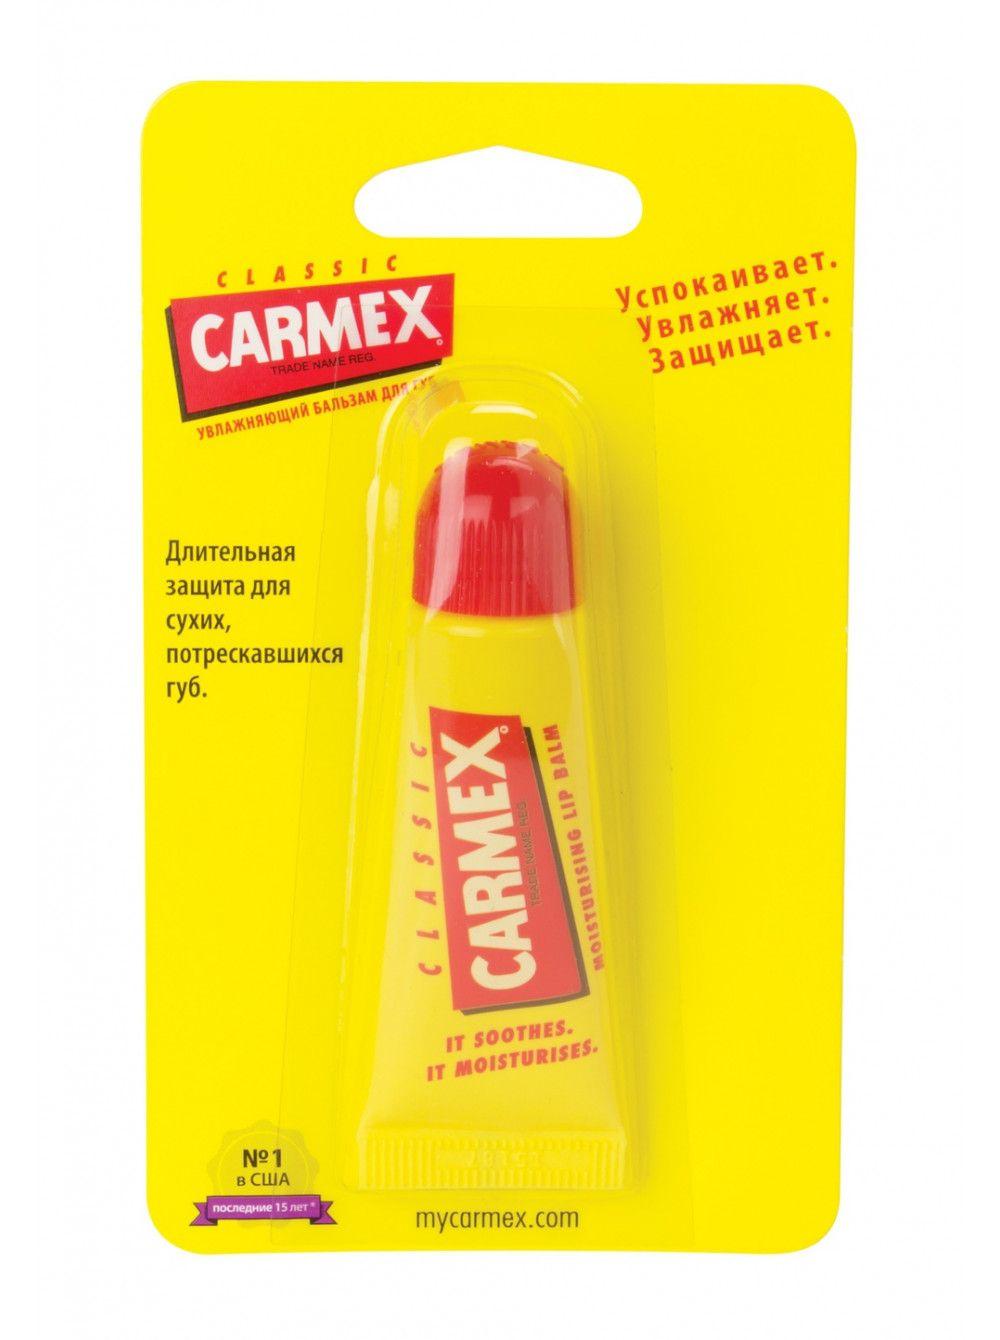 фото упаковки Carmex Бальзам для губ классический